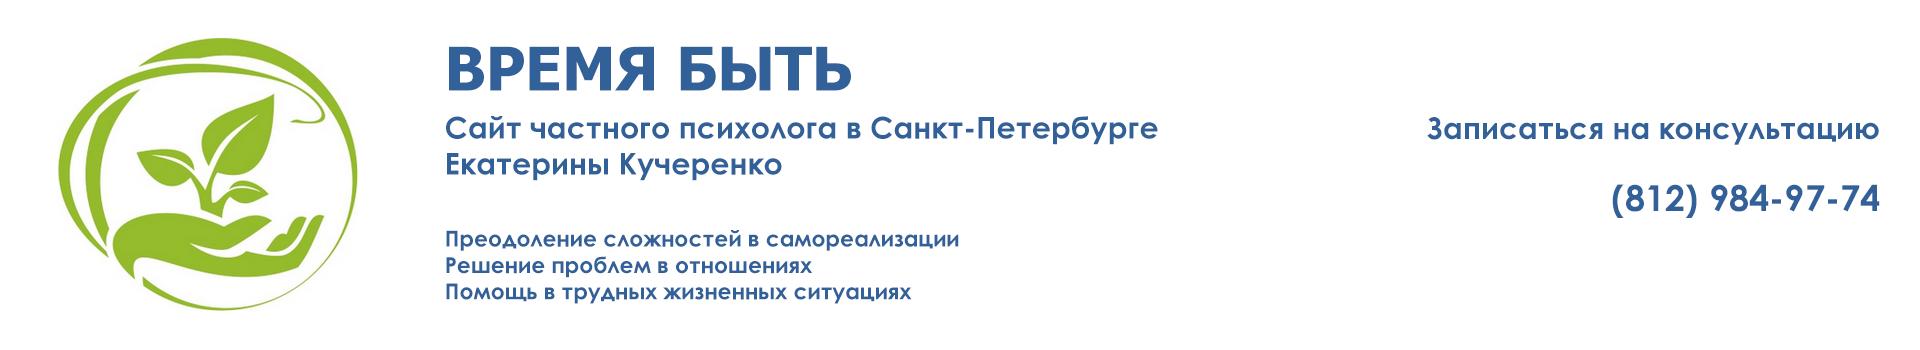 Сайт частного психолога в Санкт-Петербурге Екатерины Кучеренко